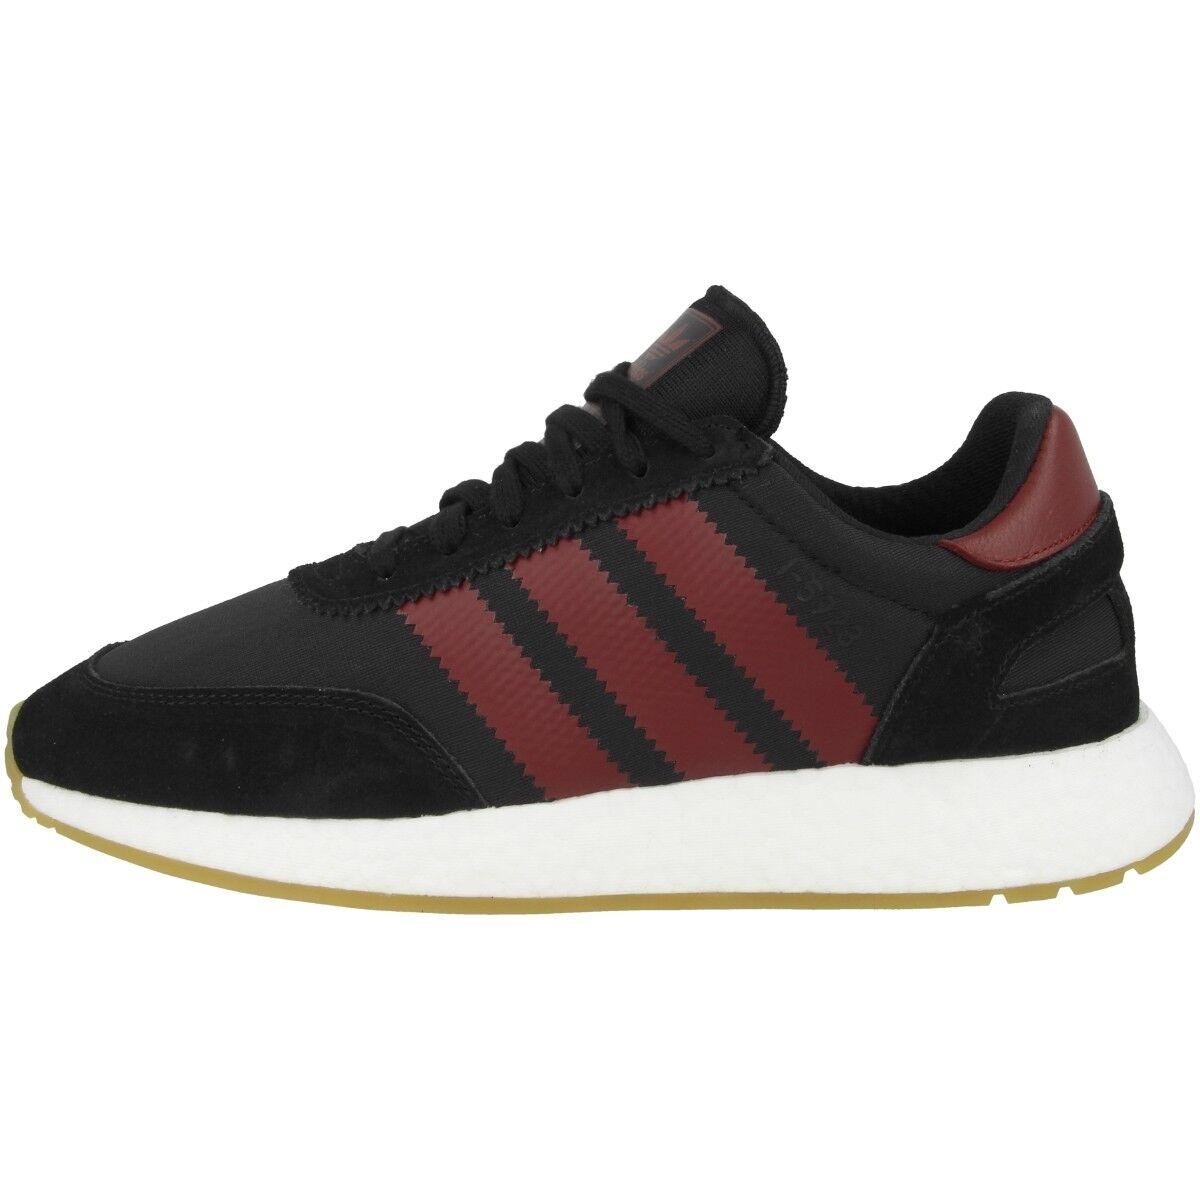 Adidas I-5923 Chaussures Originales Loisir de Sport Baskets Noir Bordeaux B37946